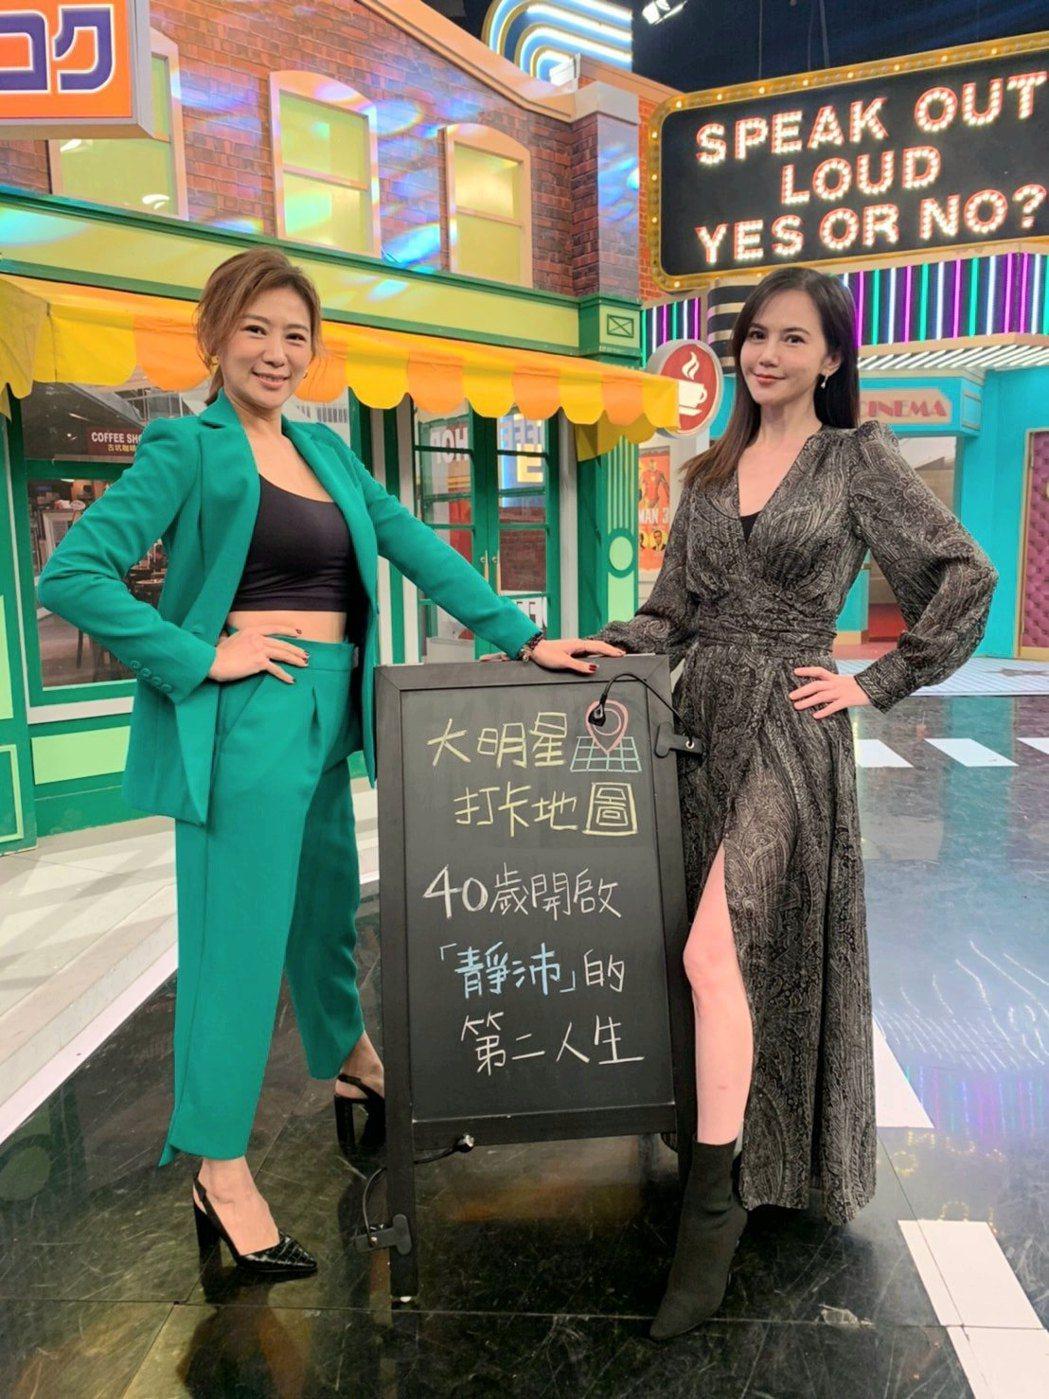 連靜雯(左)、簡沛恩因拍戲結緣而成為好友。圖/楠軒工作室提供